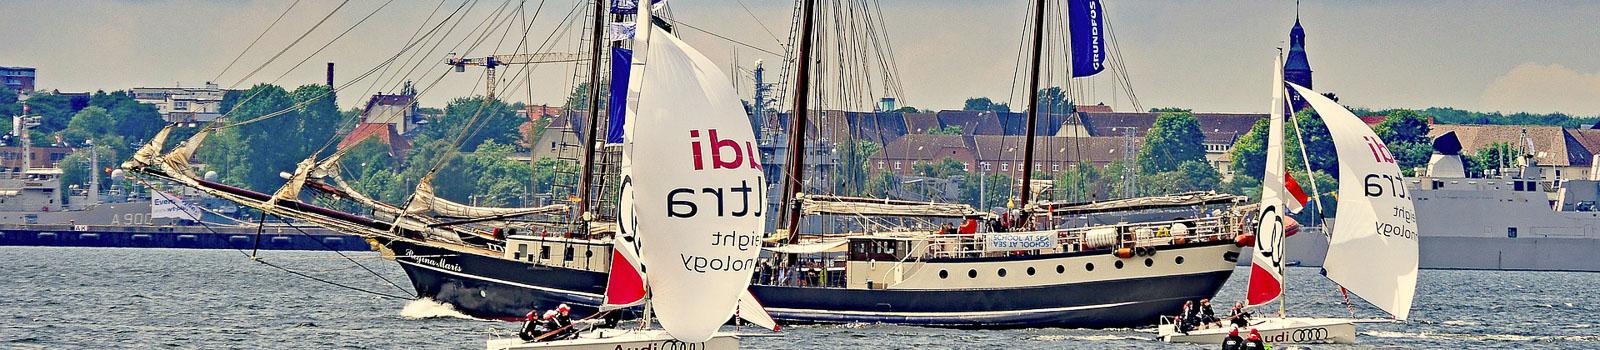 Kieler Woche Bild zeigt Regattasegler und ein Traditionsschiff